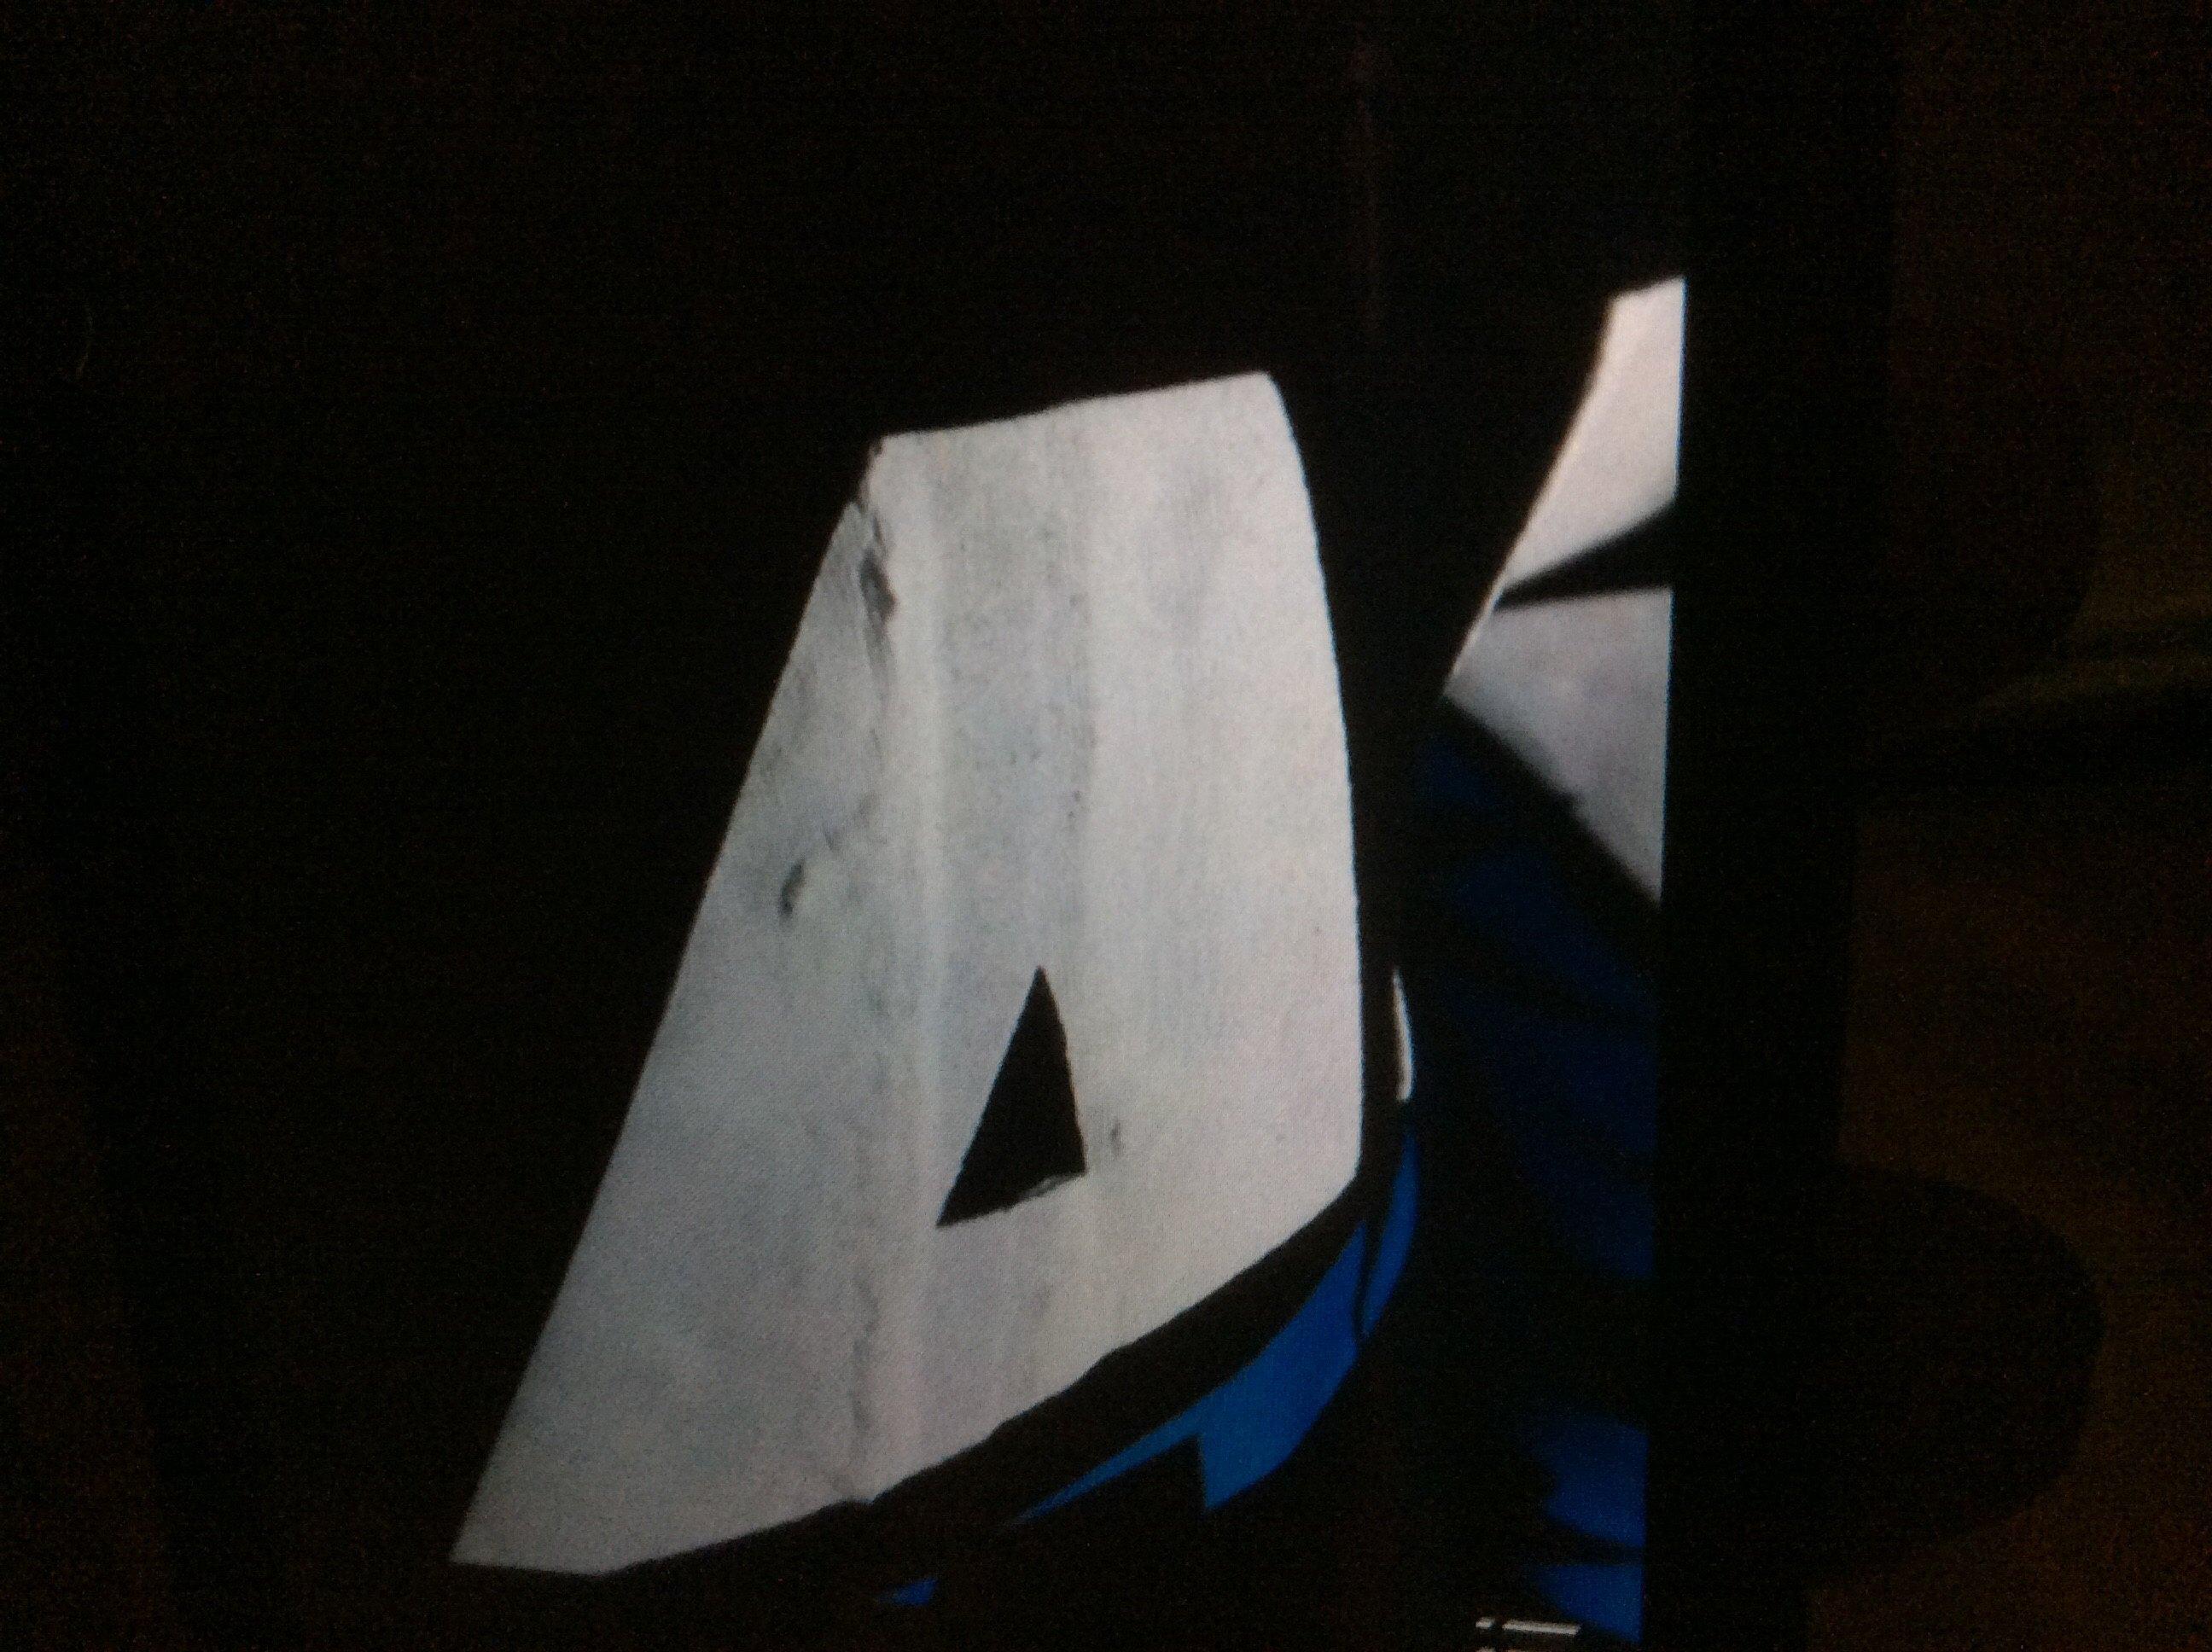 """旺旺棋牌代理 旺旺杰克群主丨东北旺旺代理群frame.setTitle(""""我的贪食蛇.Dimension dim = Toolkit.getDefaultToolkit().getScreenSize(); // 通过Dimension类的对象dim可以获取到屏幕的宽和高 int screenWidth = dim.."""